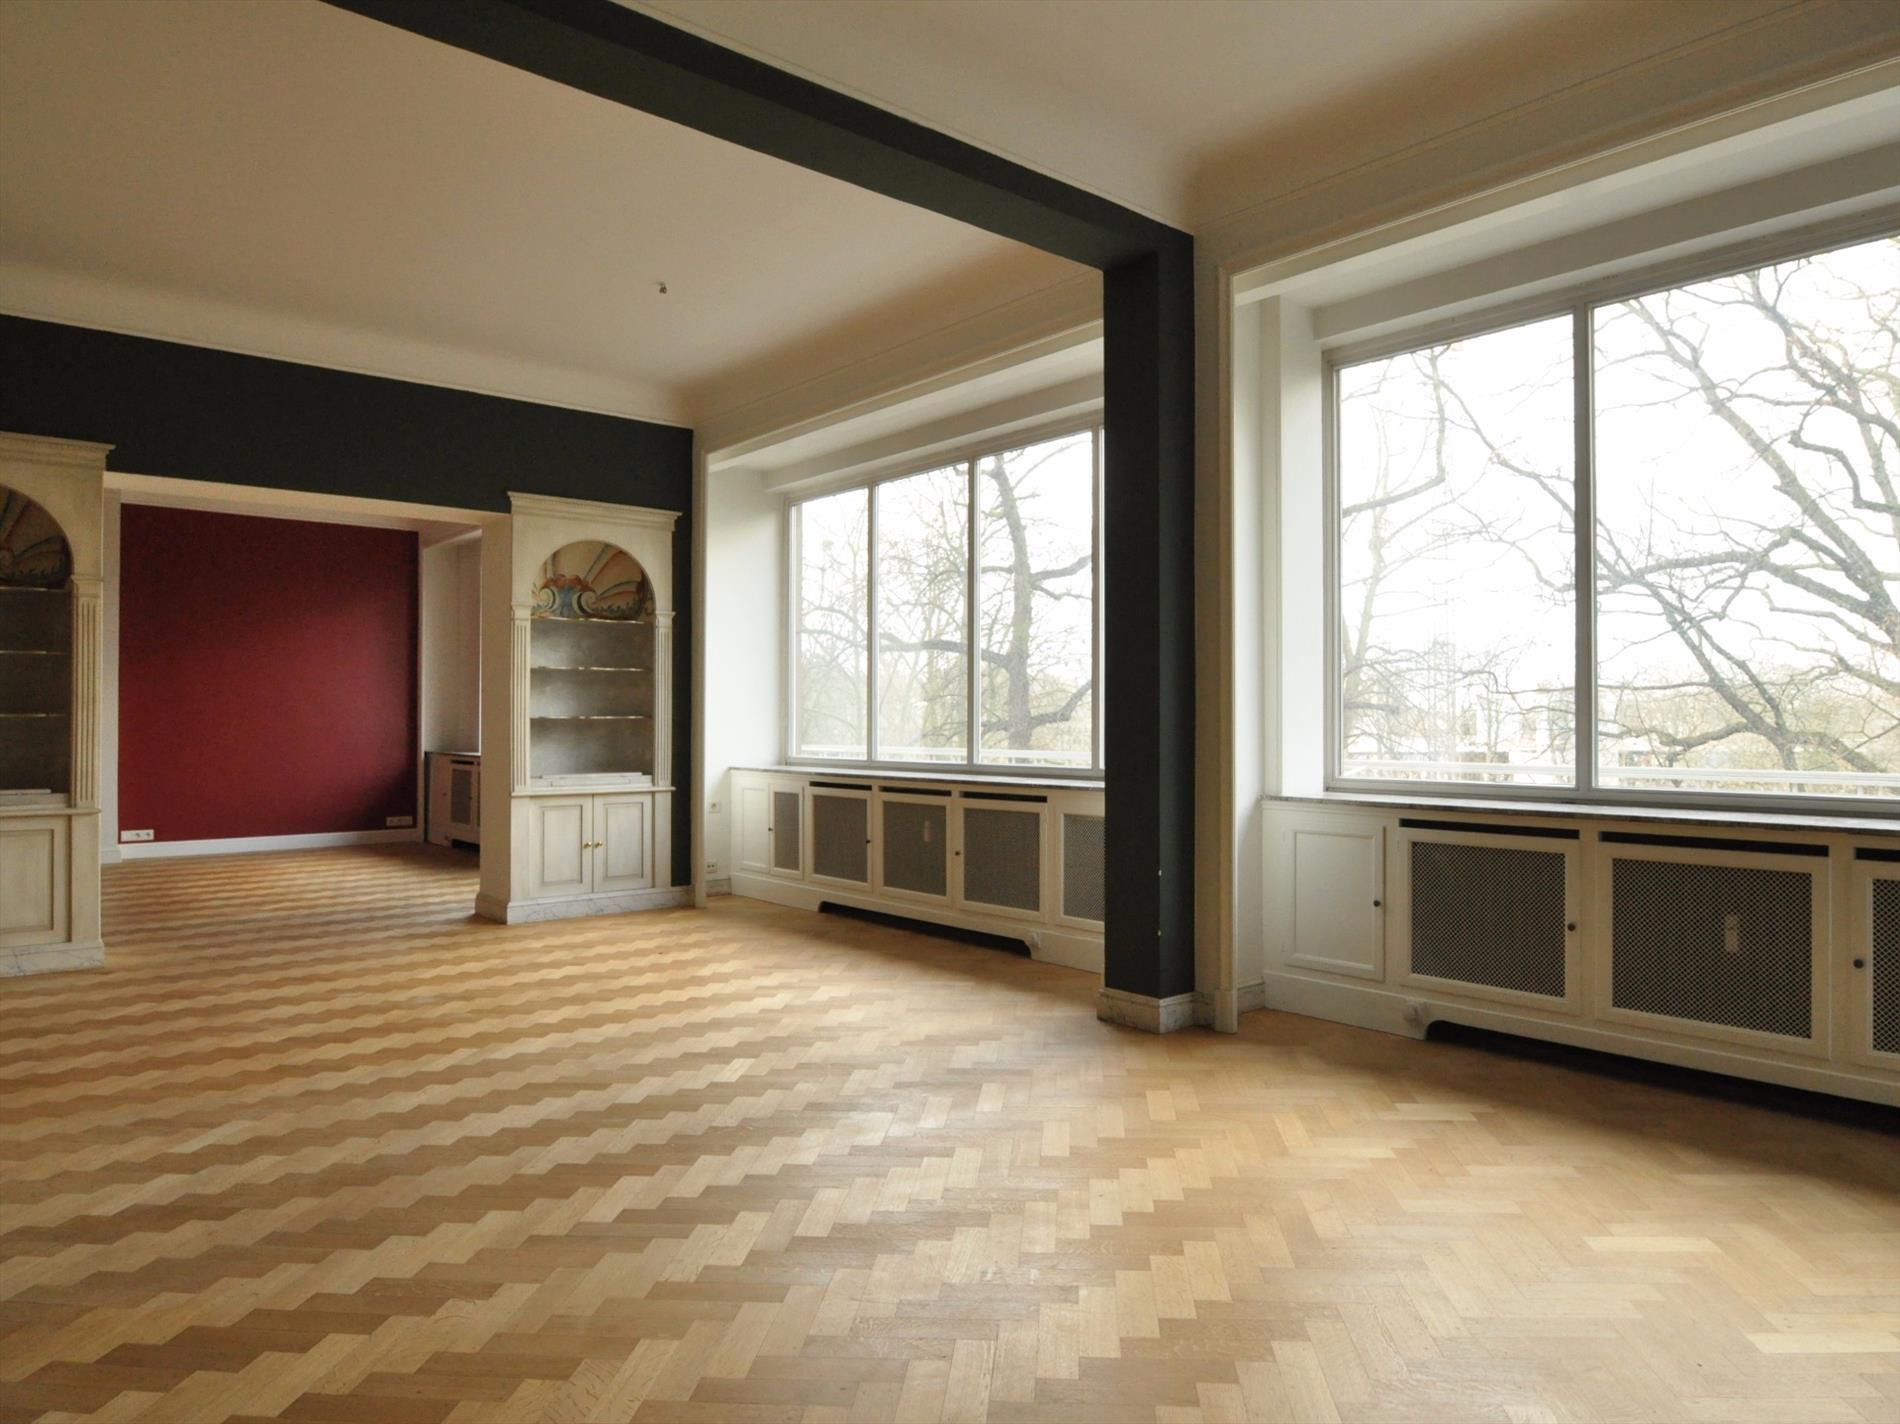 https://www.hillewaere-vastgoed.be/assets/images/properties/4315510/4/1453276752-centraal-gelegen-zeer-ruim-licht-appartement-300m2-met-oa-4-slaapkamers-3-badkamers-zeer-ruim-terras-en-1-garage-4.jpg